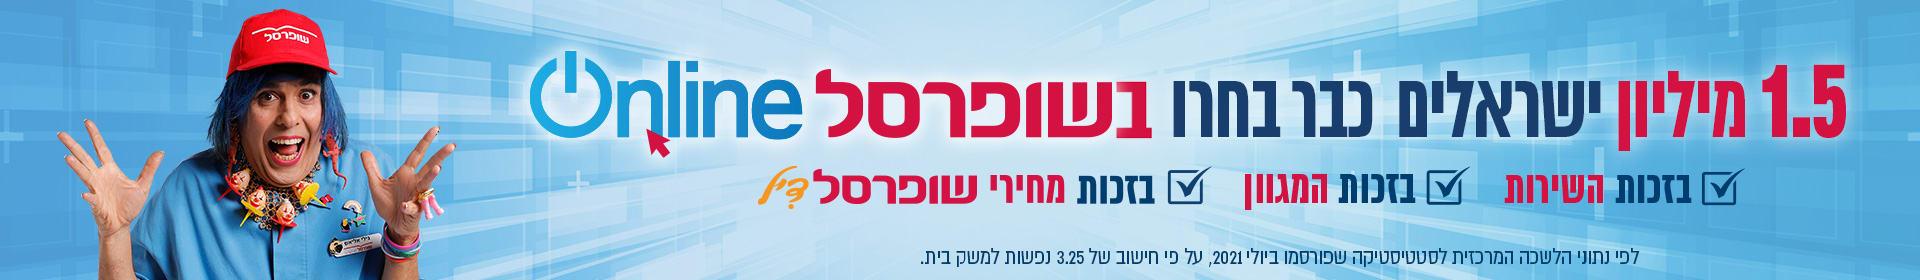 1.5 מיליון ישראלים כבר בחרו בשופרסל ONLINE בזכות השירות בזכות המגוון בזכות מחירי שופרסל והכל מבלי לצאת מהבית! * לפינתוני הלשכה המרכזית לסטטיסטיקה על פי חישוב של 3.25 נפשות למשק בית